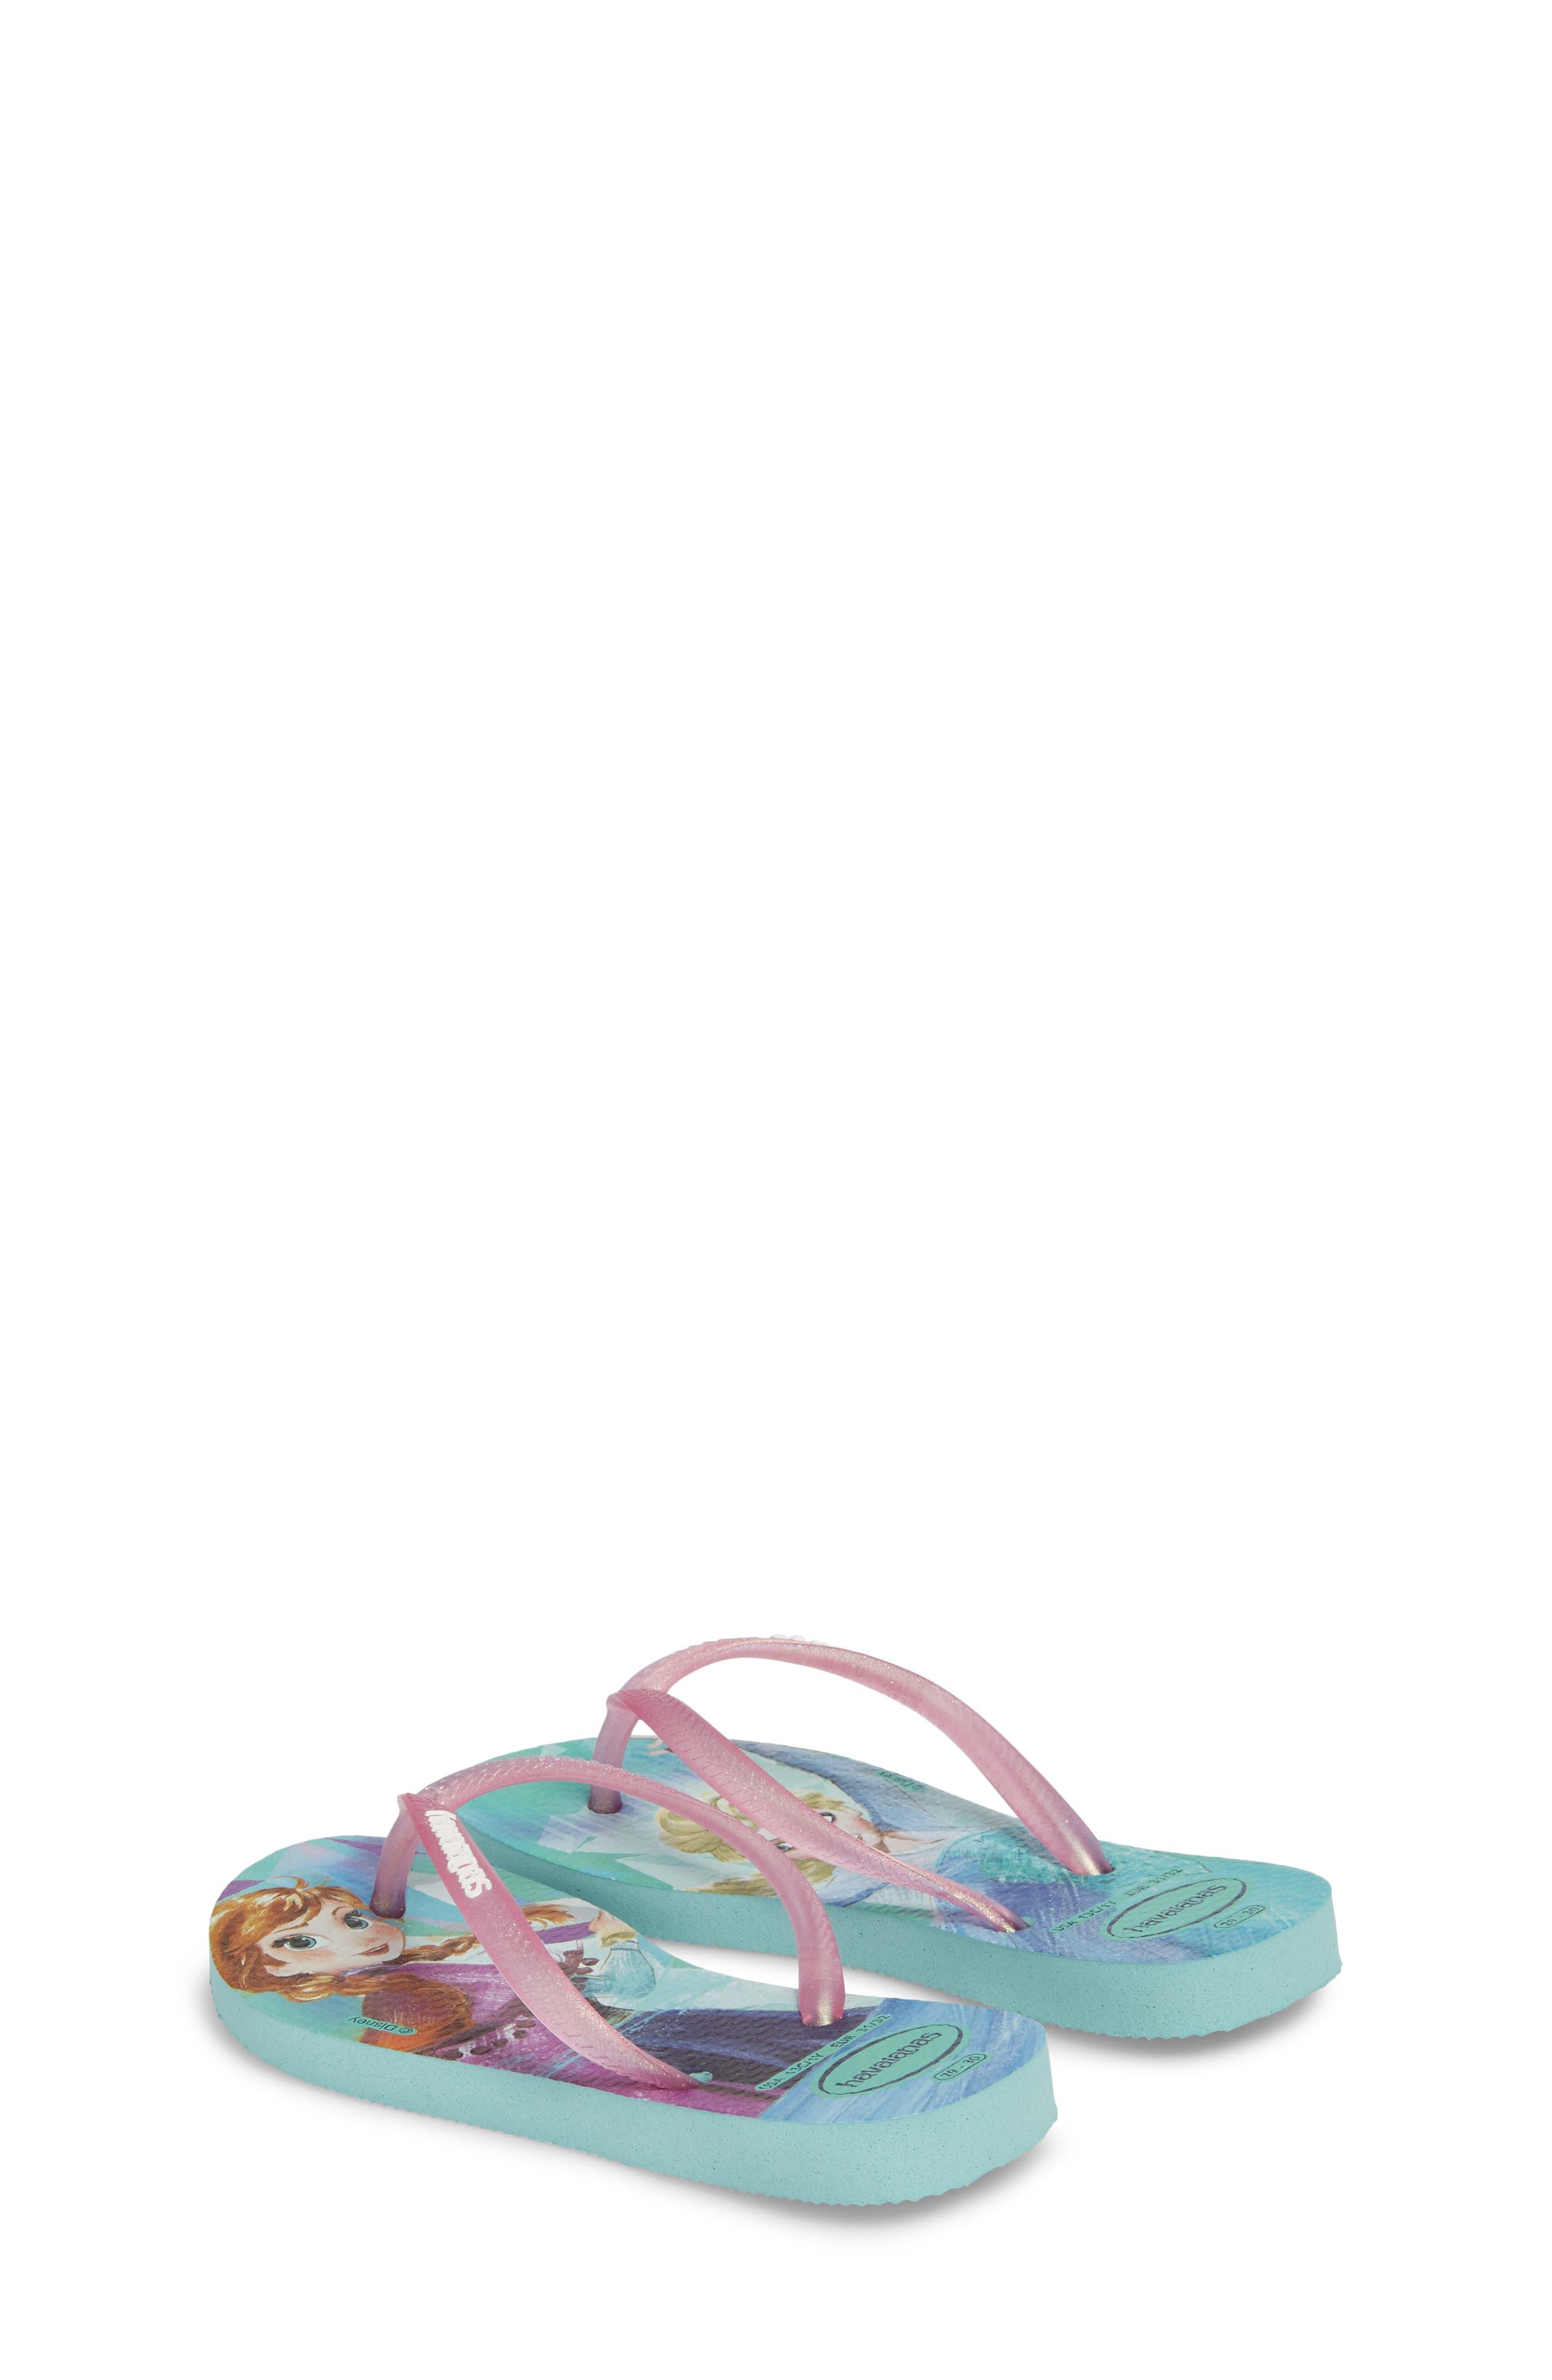 Alternate Image 2  - Havaianas Slim Frozen Flip Flop (Toddler & Little Kid)